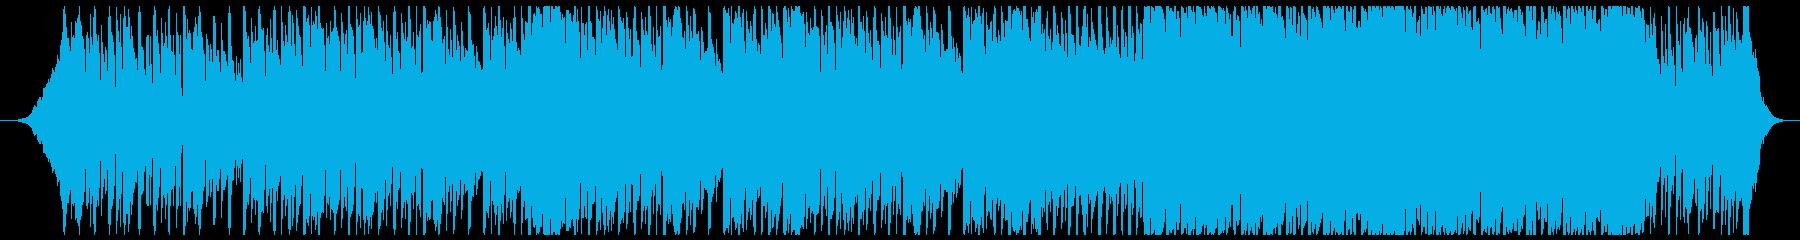 会社の事業プレゼン用トラック-60秒の再生済みの波形